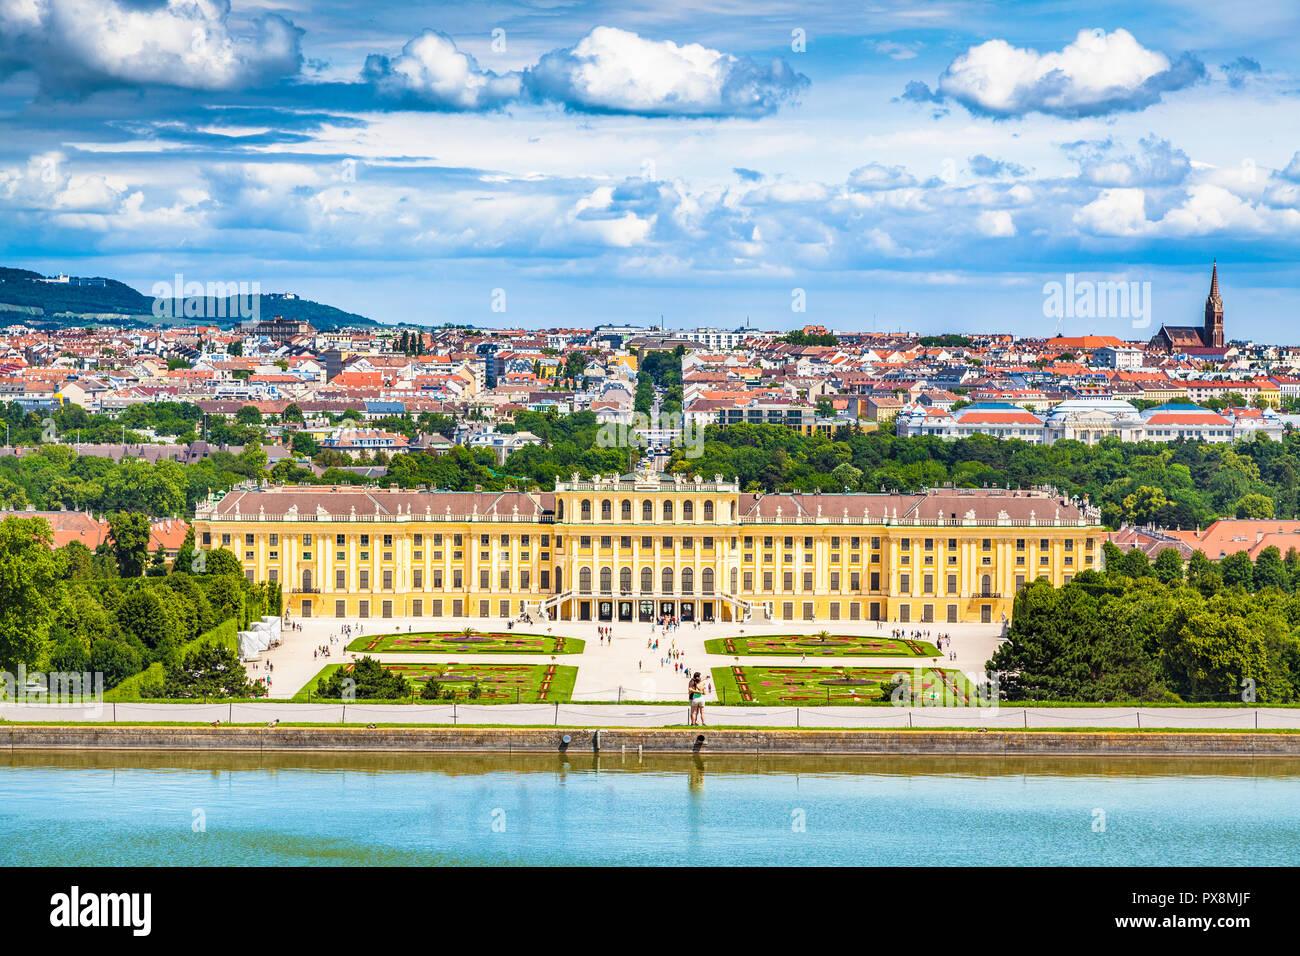 Vista clásica del palacio de Schonbrunn con vistas panorámicas del Gran Jardín del Parterre en un hermoso día soleado con el cielo azul y las nubes en verano, Viena, Austri Foto de stock